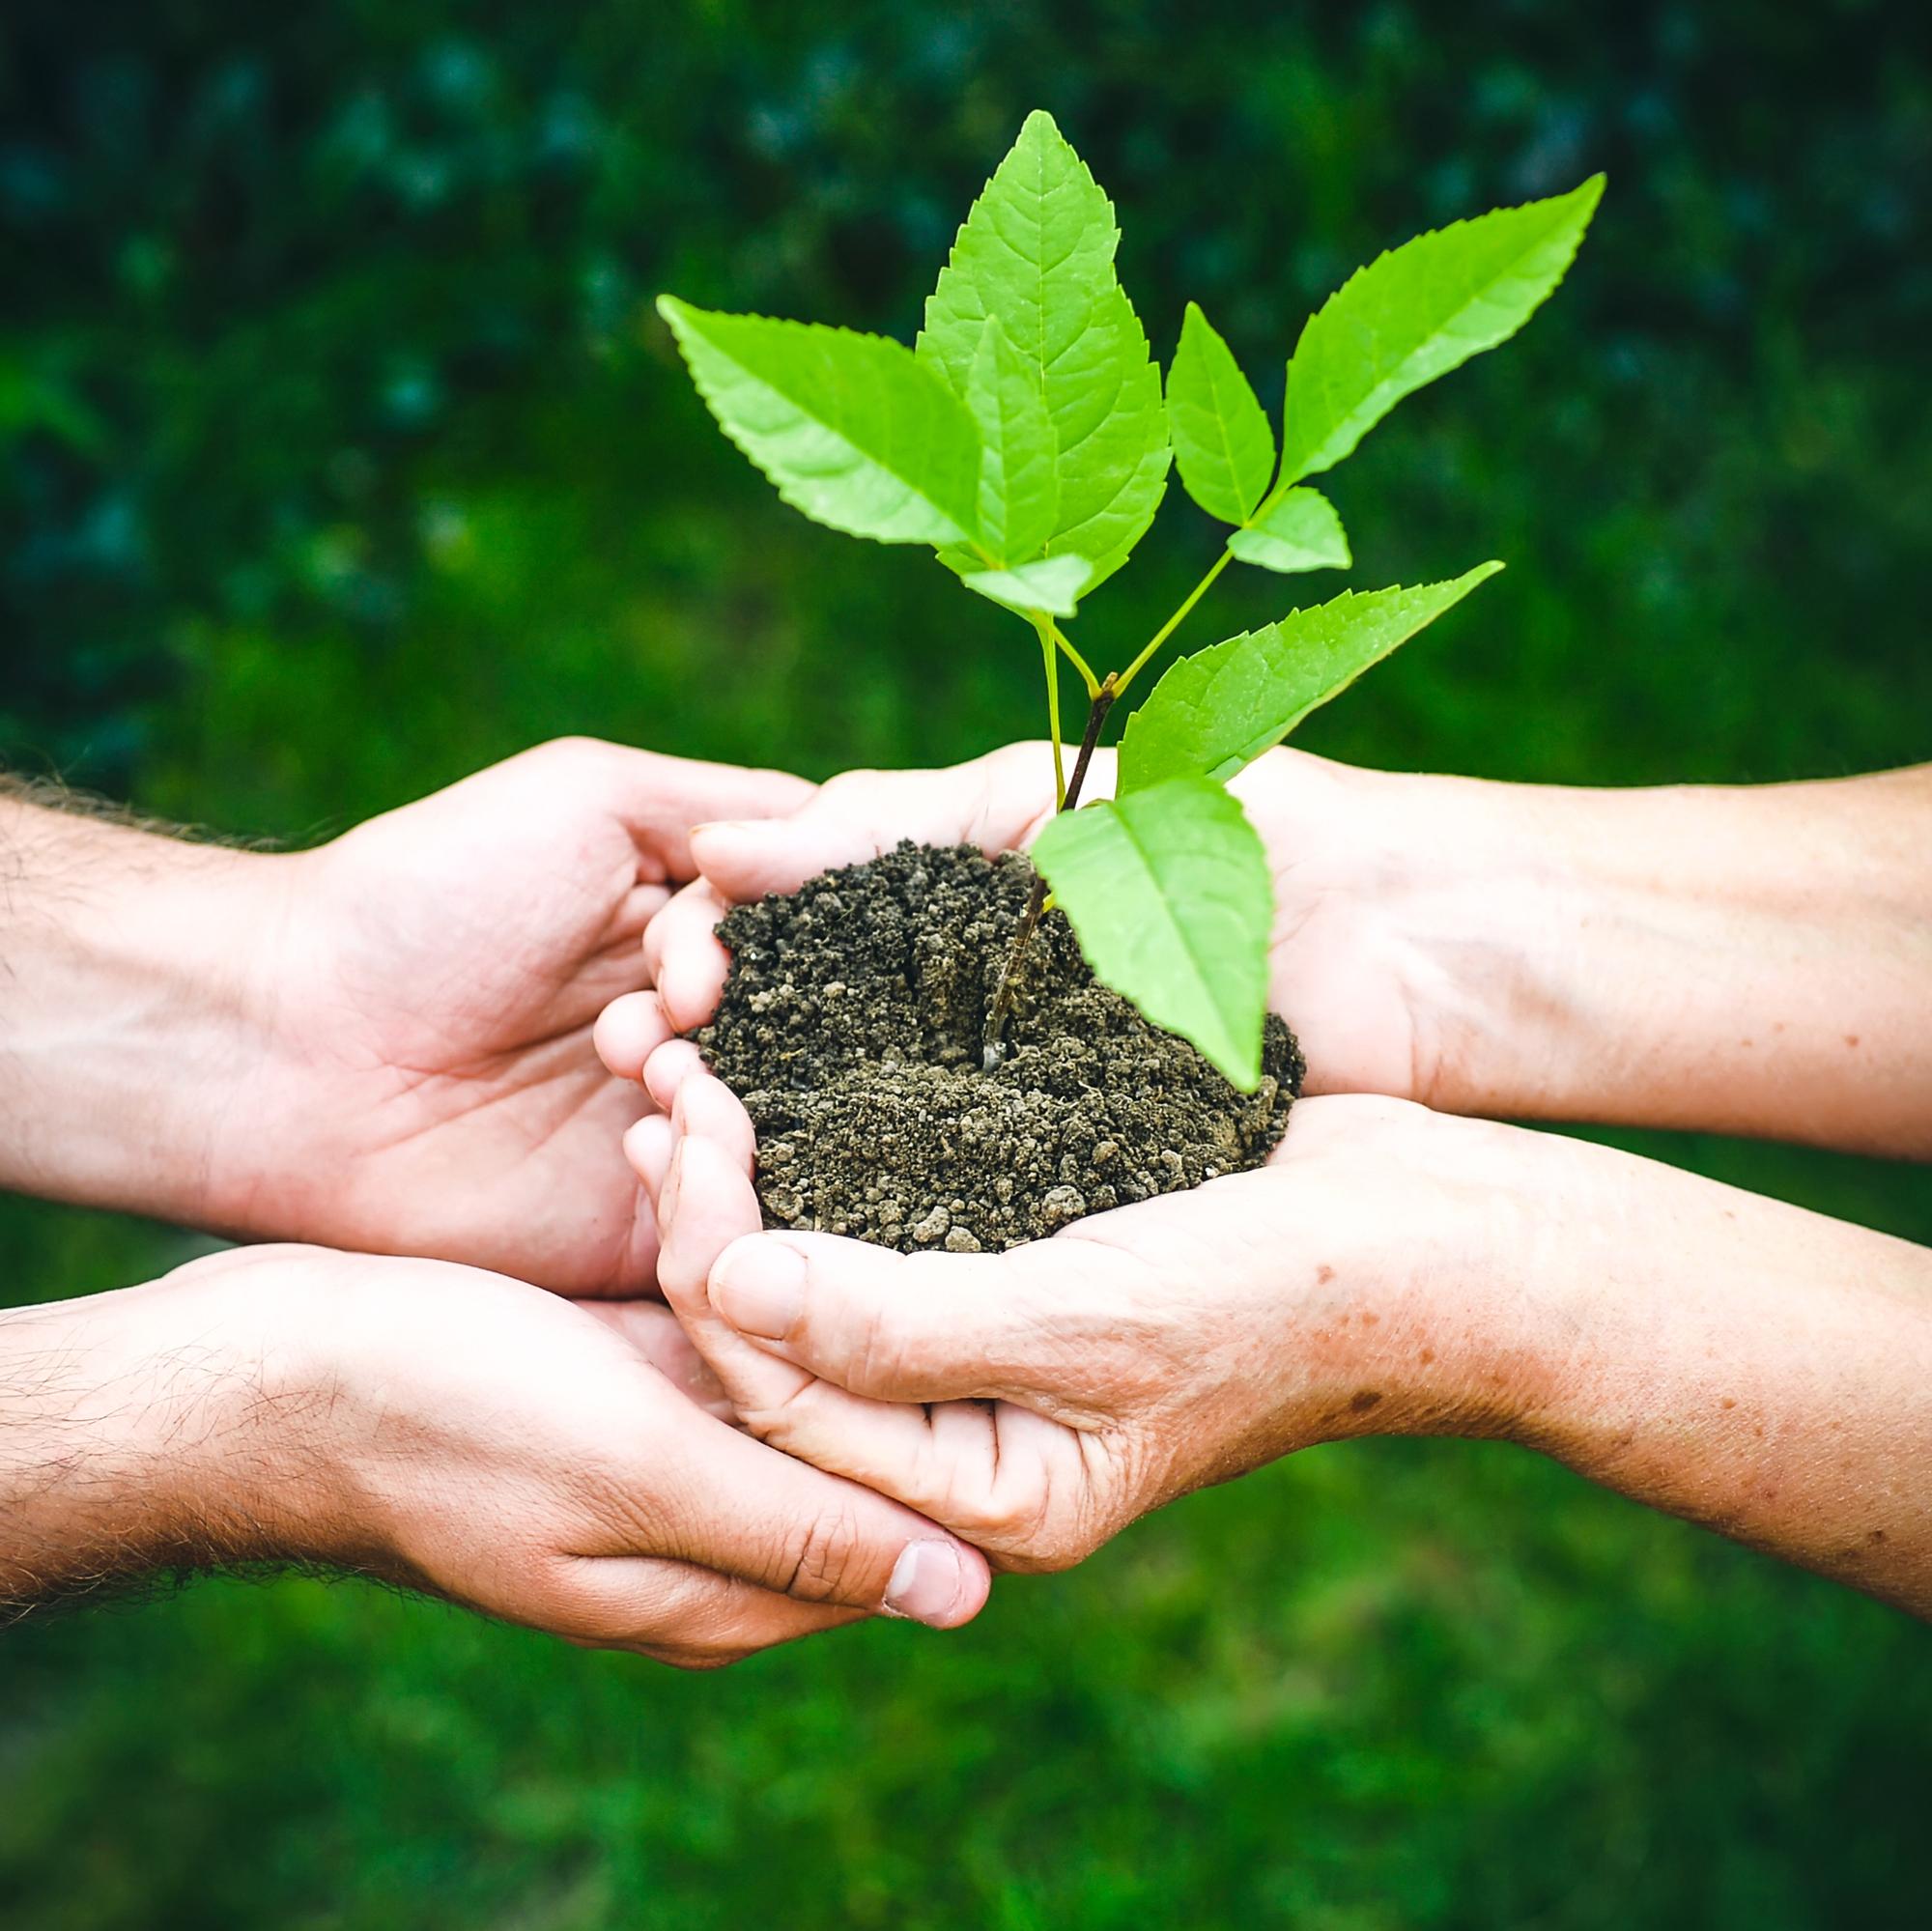 Zwei Hände übergeben knospende Pflanze an andere